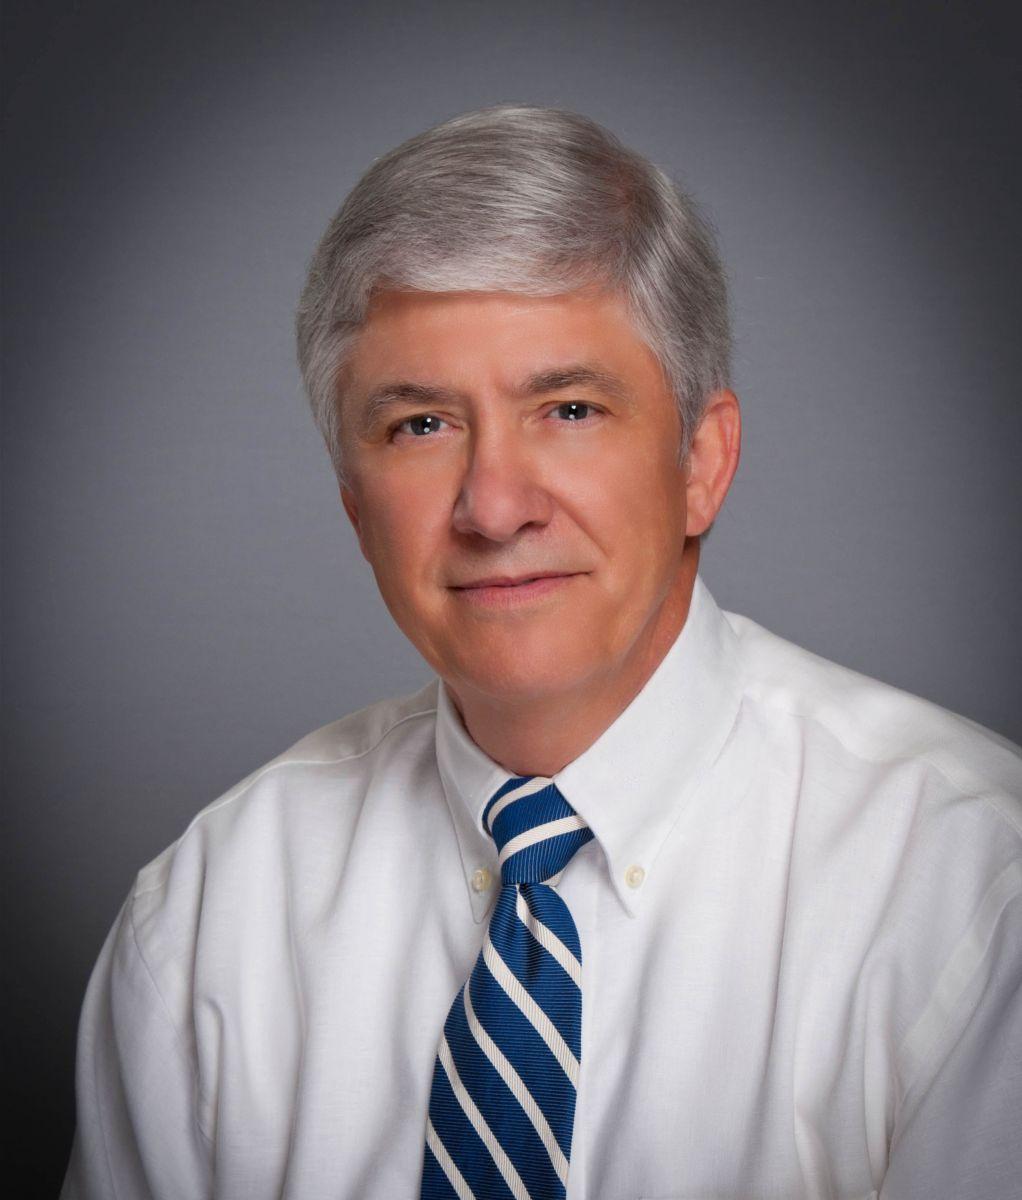 Dr Steven Cooper Heard MD 9007 Ellerbe Rd Shreveport LA 71106